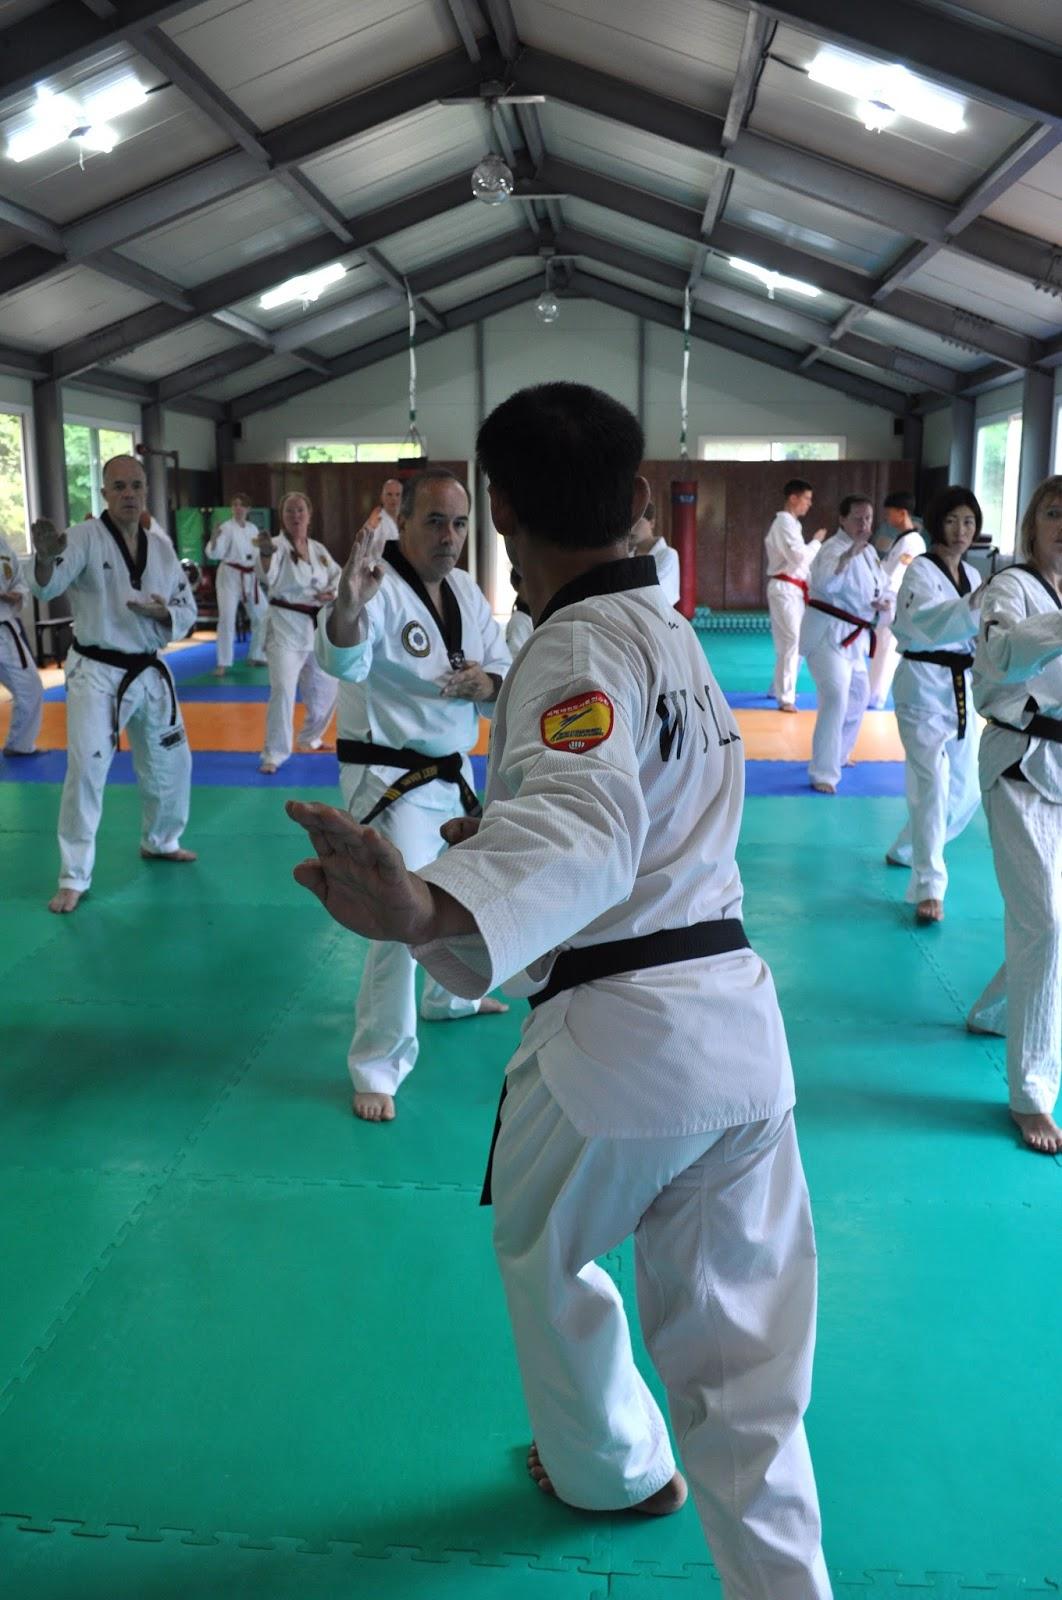 The Chosun Taekwondo Journal: 2015